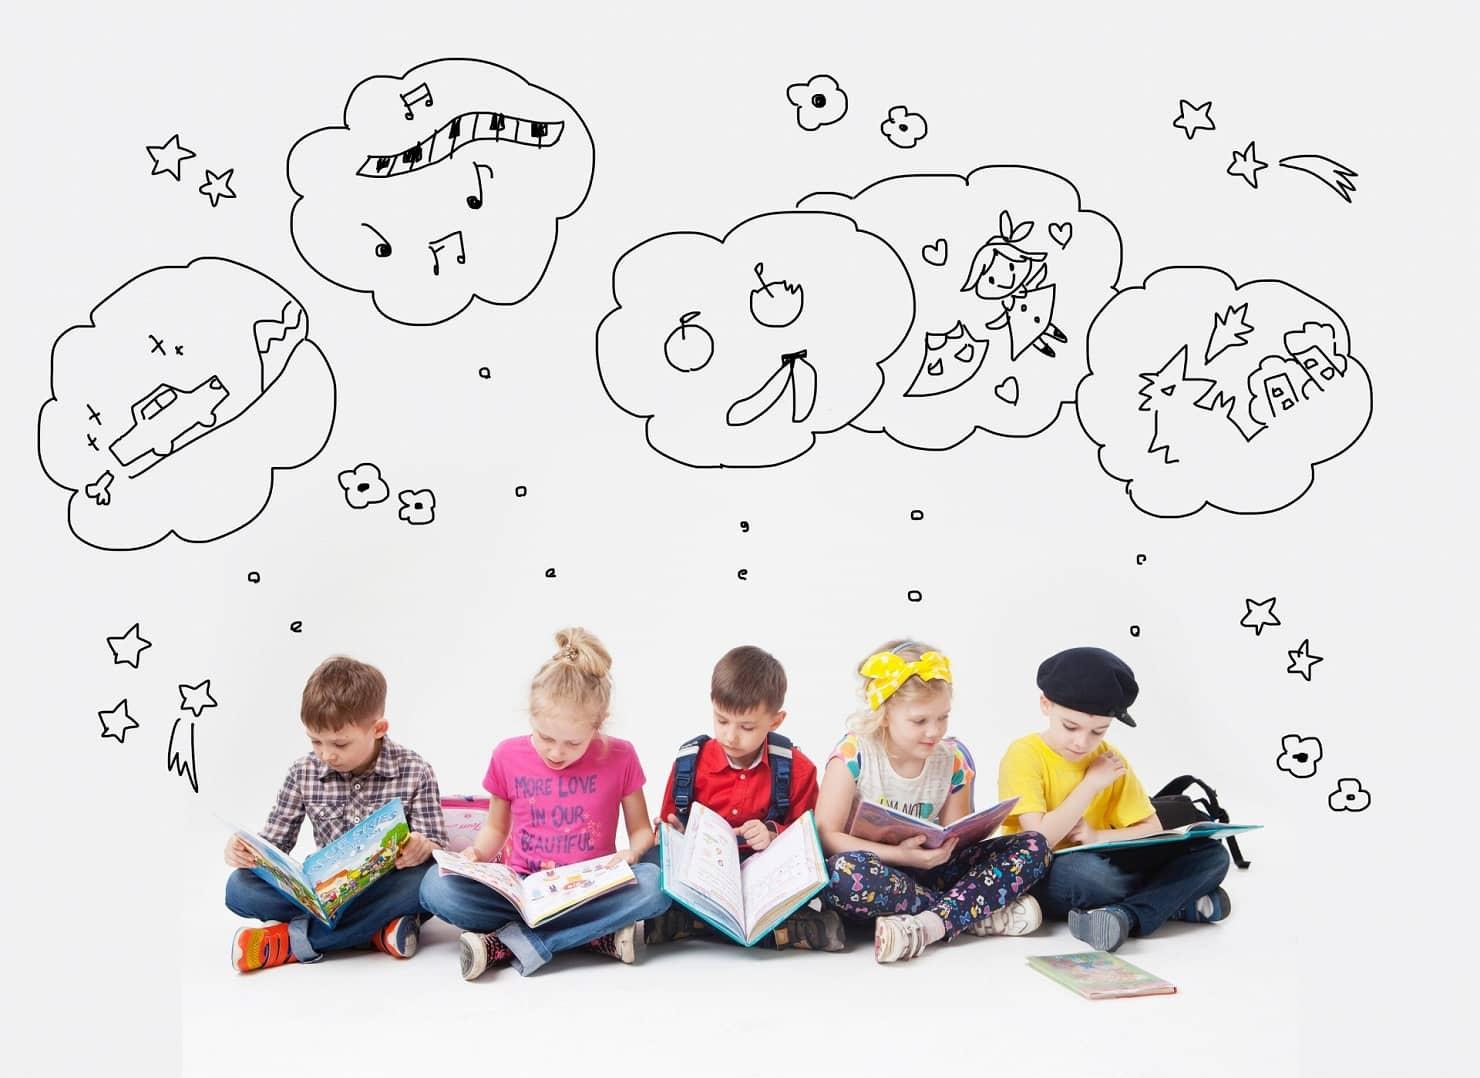 3歳になったら読んでほしいおすすめ絵本 定番から知育絵本まで大紹介!